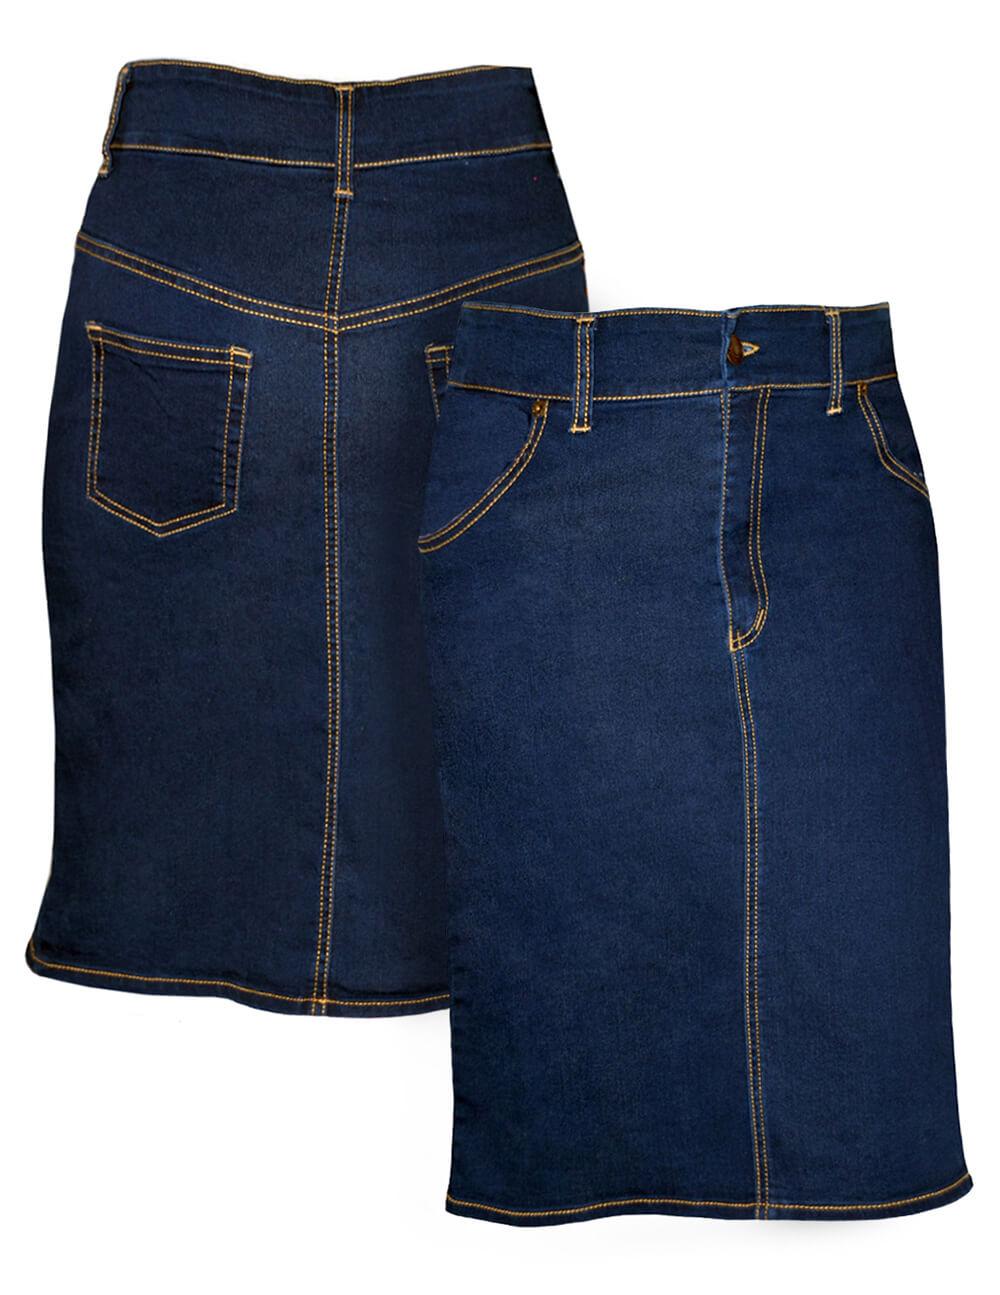 b106e11d18 Girls Modest Knee Length Skirts - Girls Modest Clothing. Modern, Yet ...